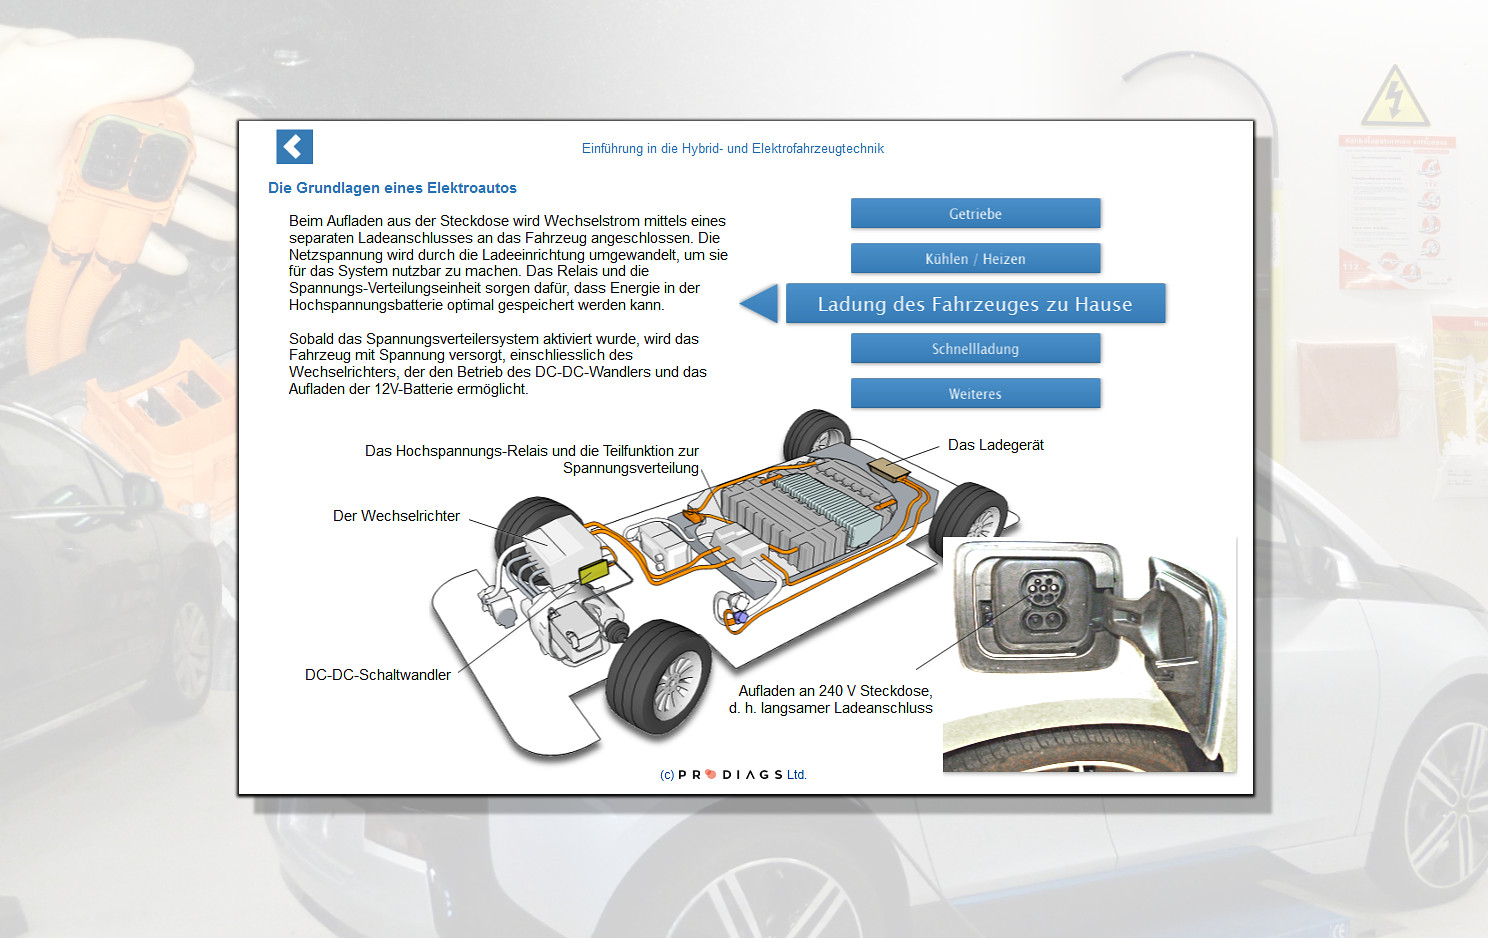 Erfahren Sie, wie das Laden eines Hybrid- oder Elektrofahrzeugs mit diesem Online-Schulungsmodul für Mechaniker und andere in Werkstätten oder der Automobilindustrie funktioniert.